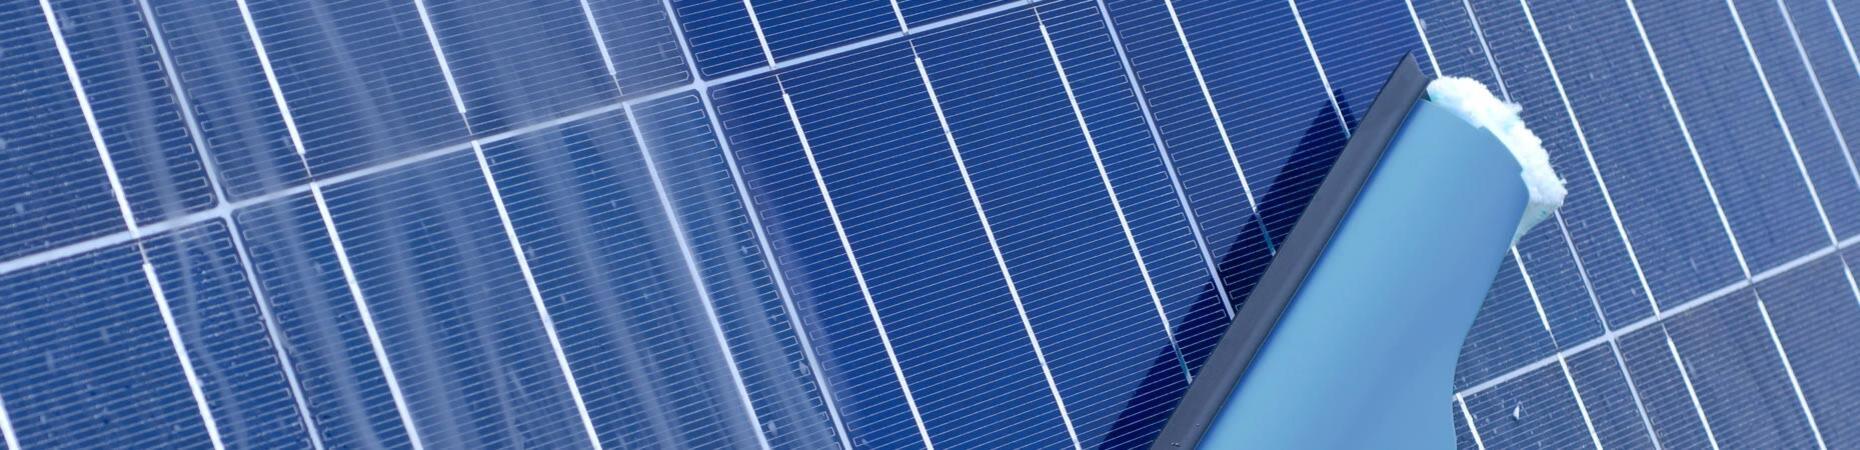 ecoservice-cesena it pulizie-pannelli-solari-cesena 005